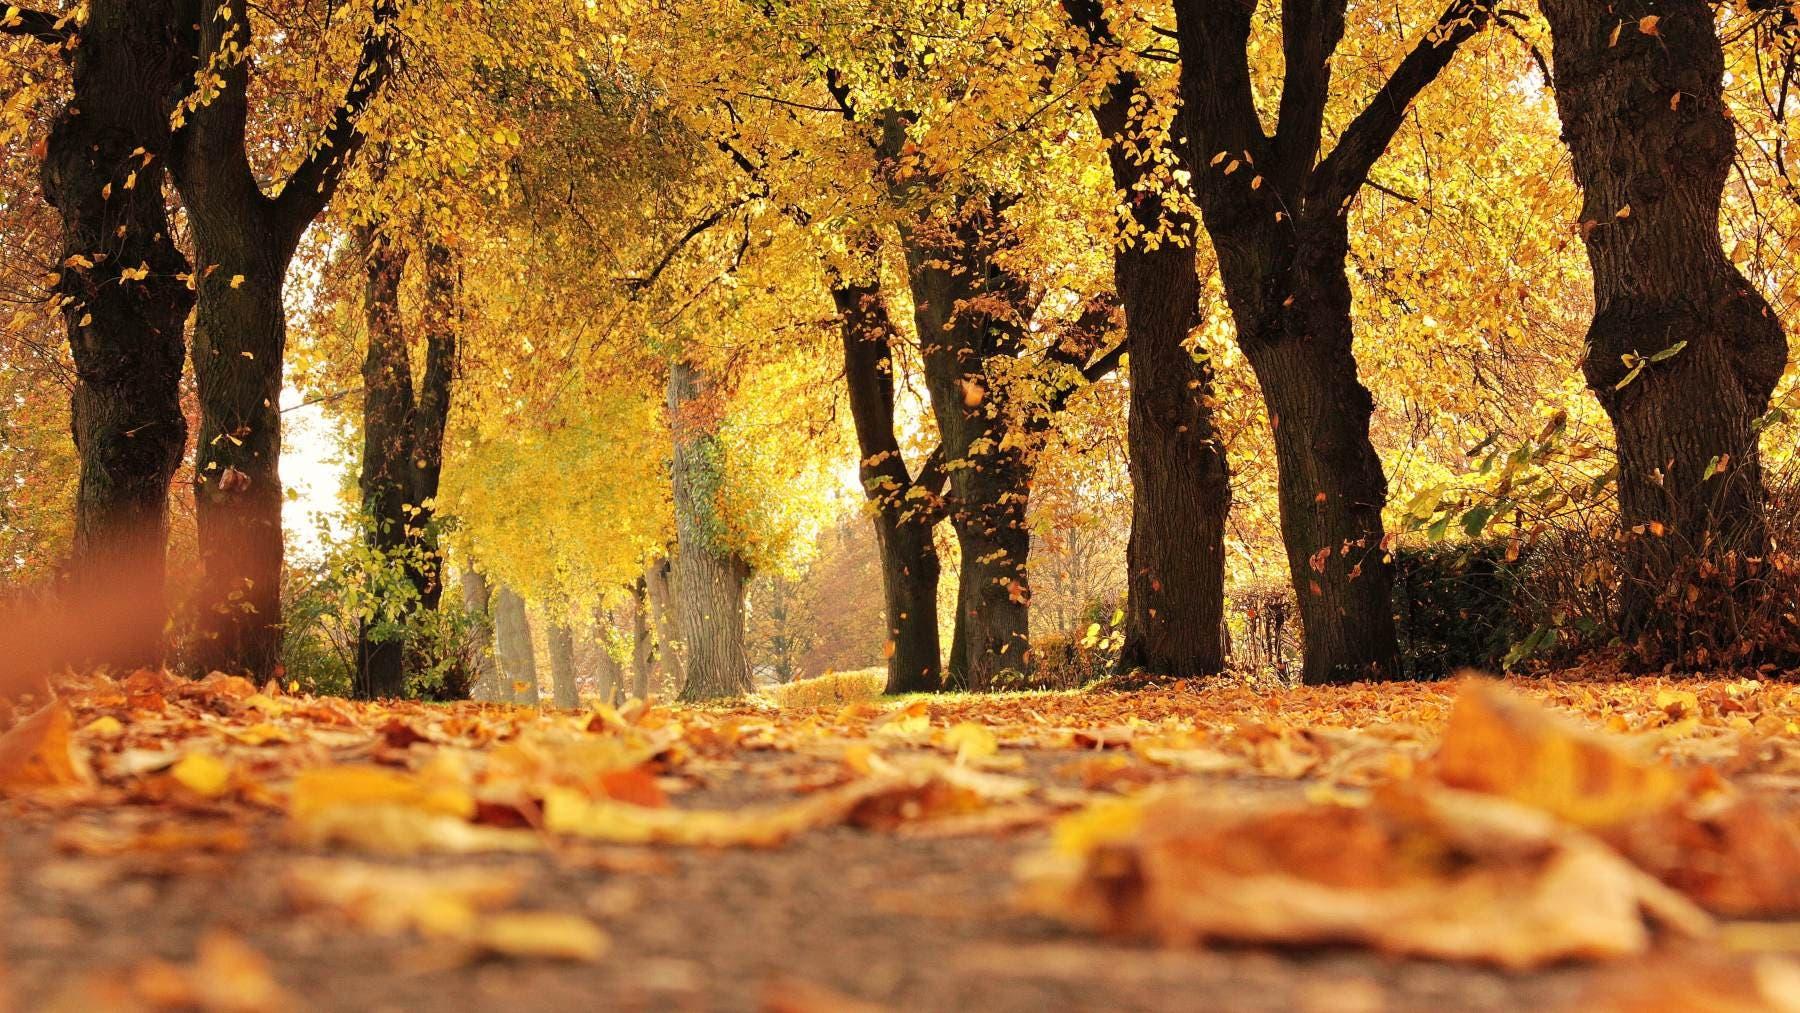 Equinoccio de otoño ¿Qué significa?